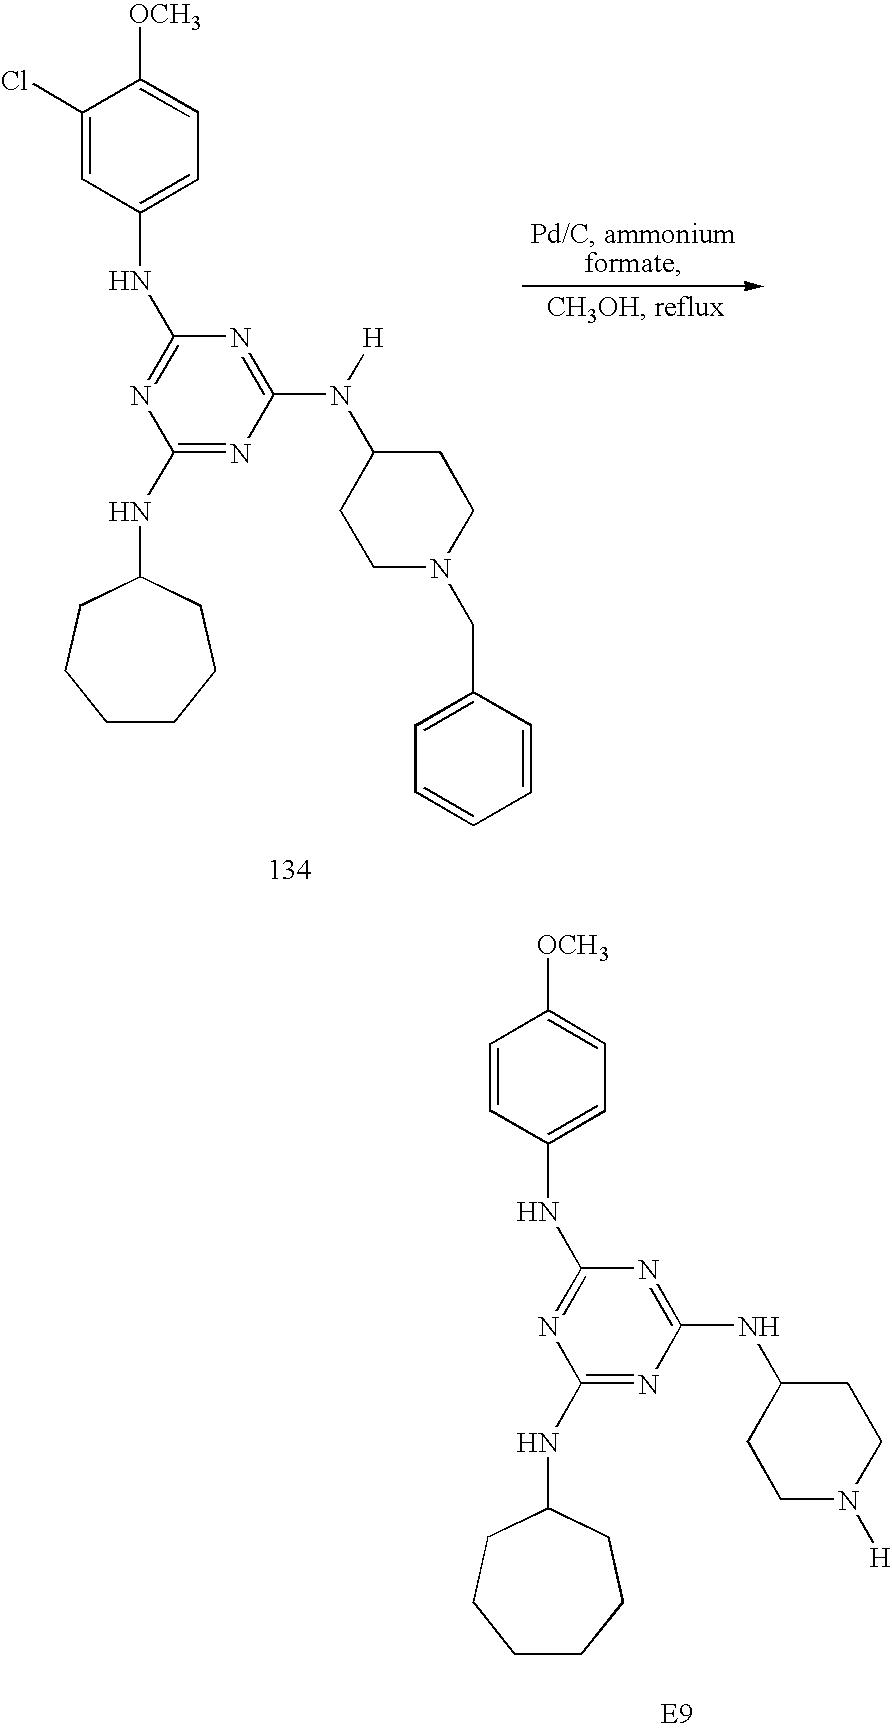 Figure US20050113341A1-20050526-C00204